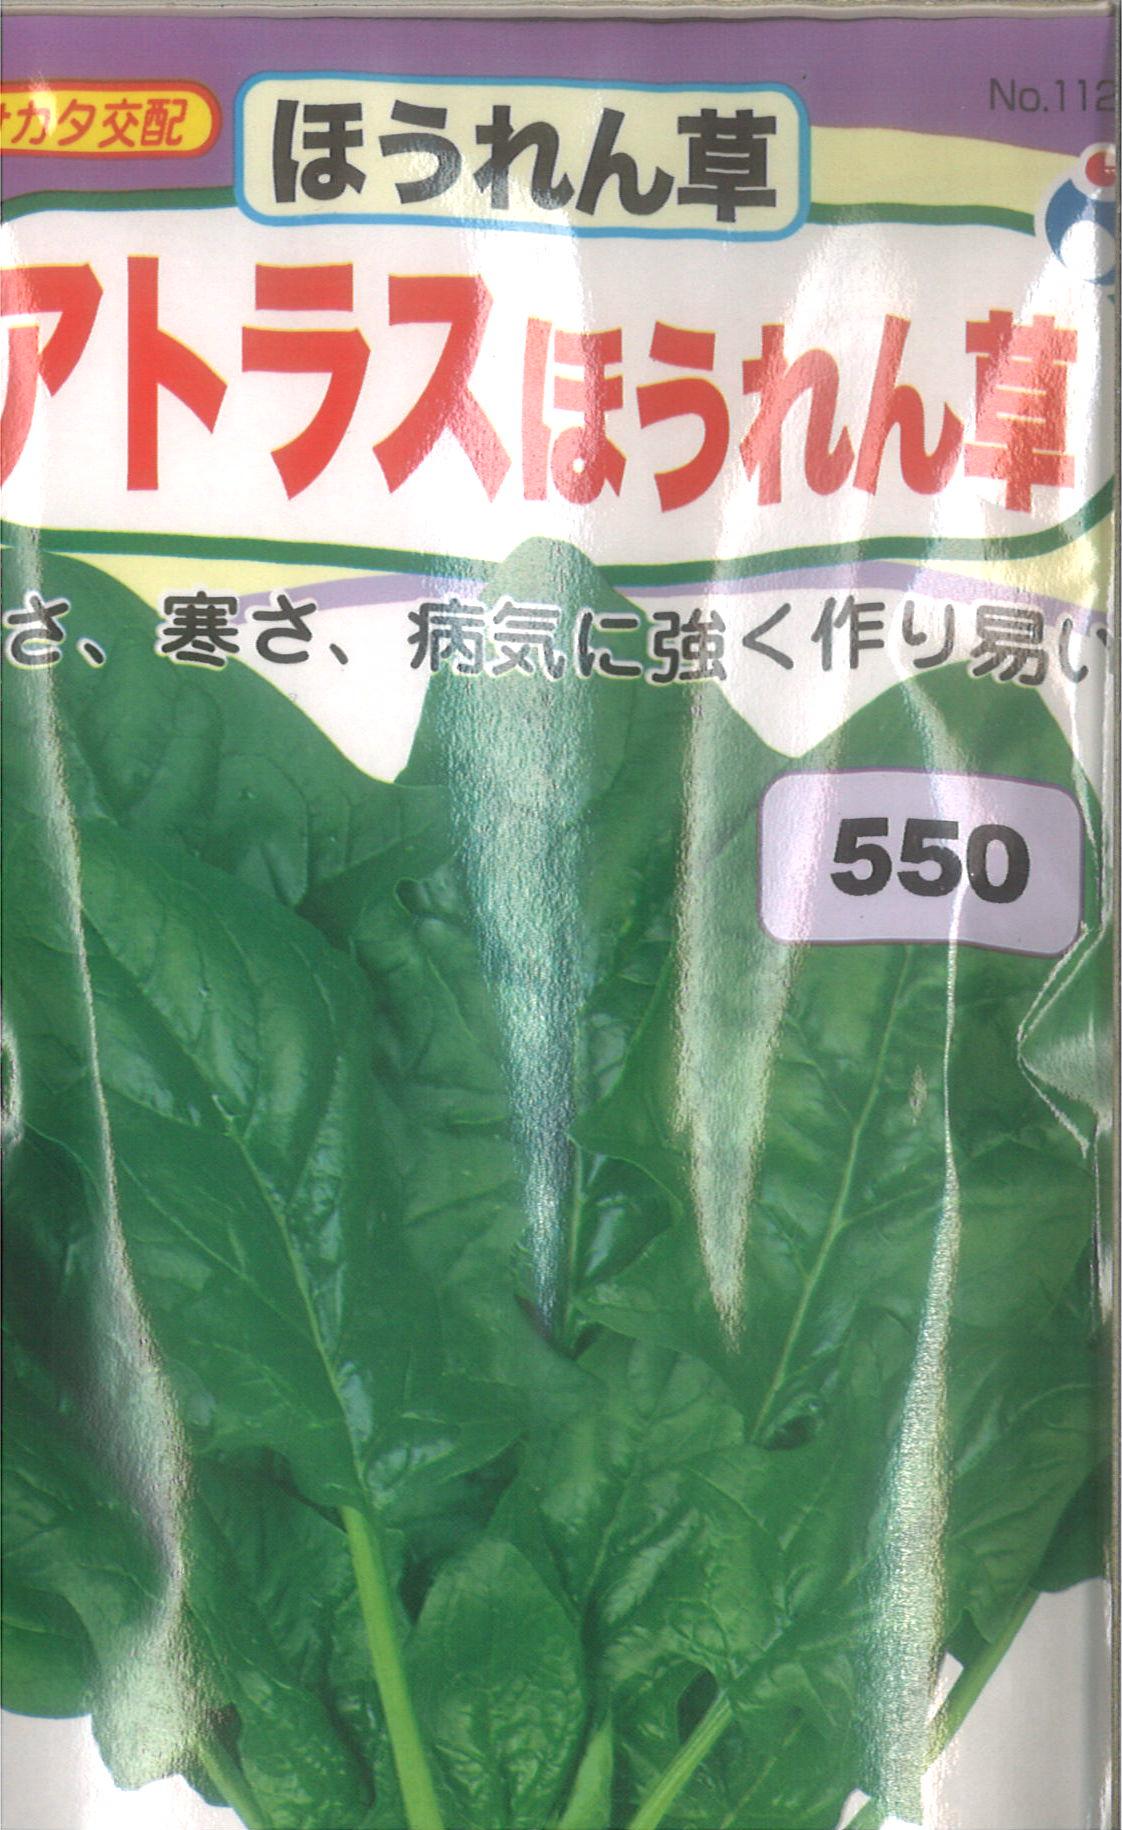 【代引不可】【5袋まで送料80円】□アトラスほうれん草 LL